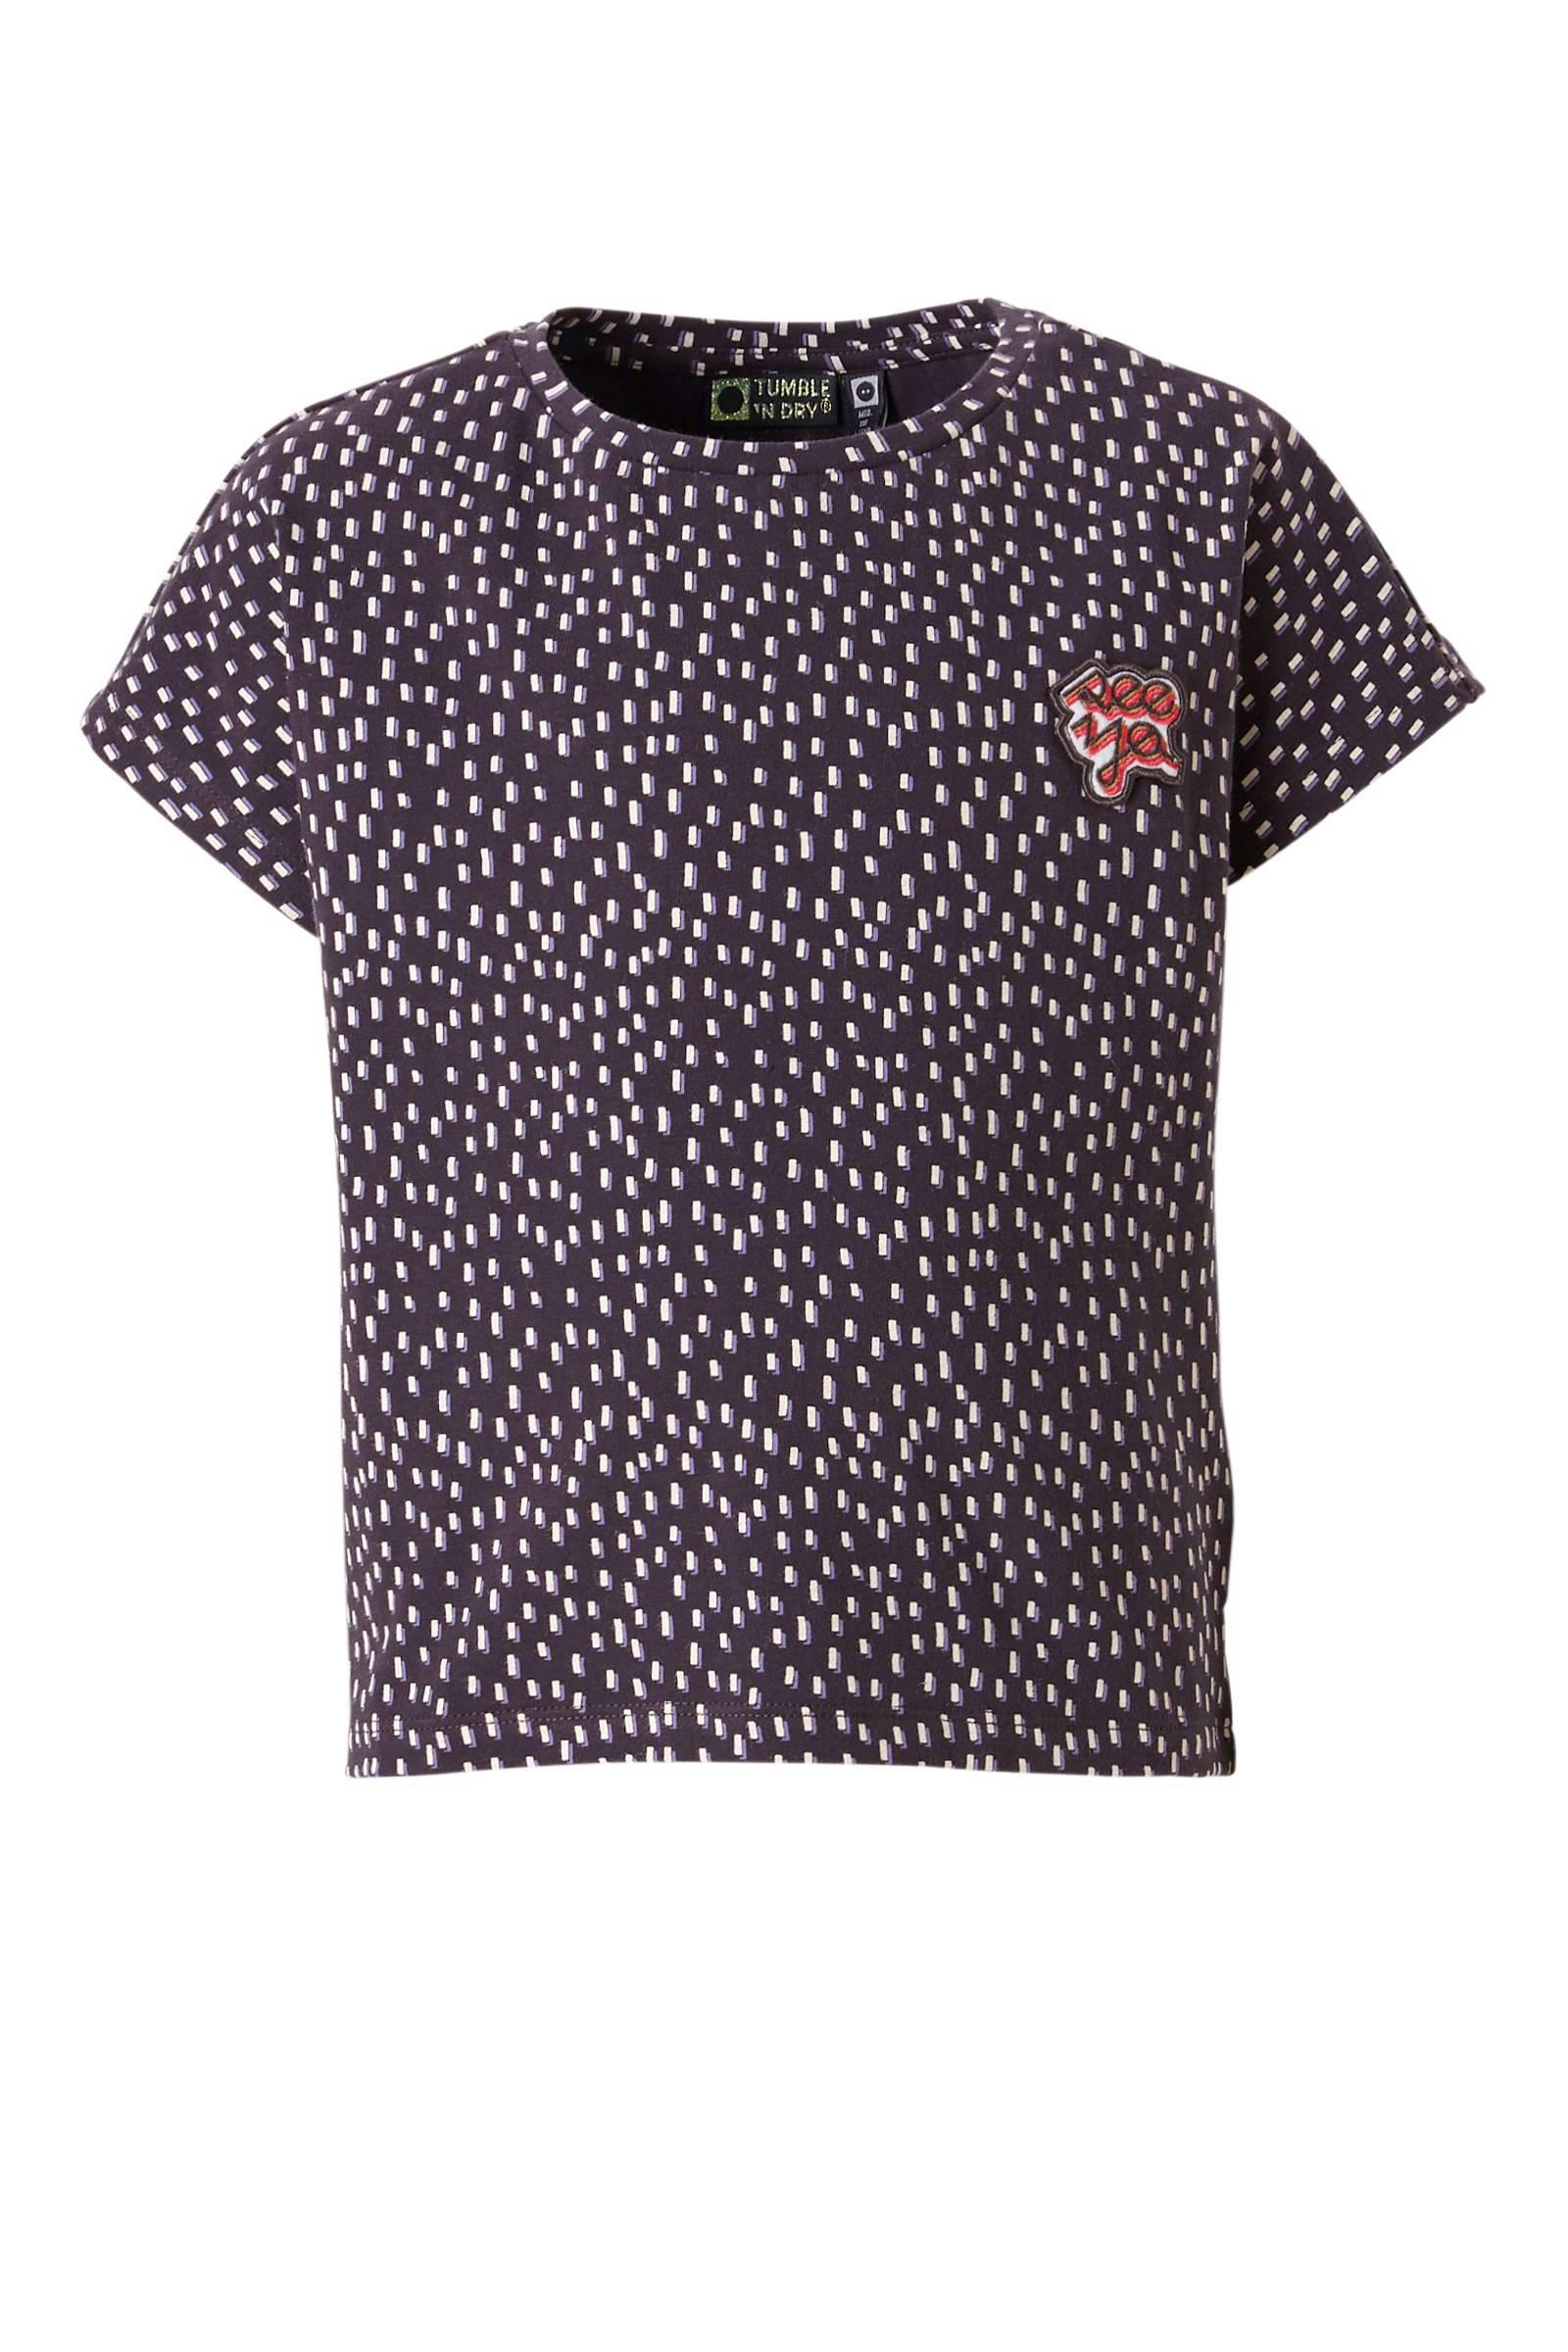 Tumble 'n Dry Mid T-shirt Veri donkergrijs